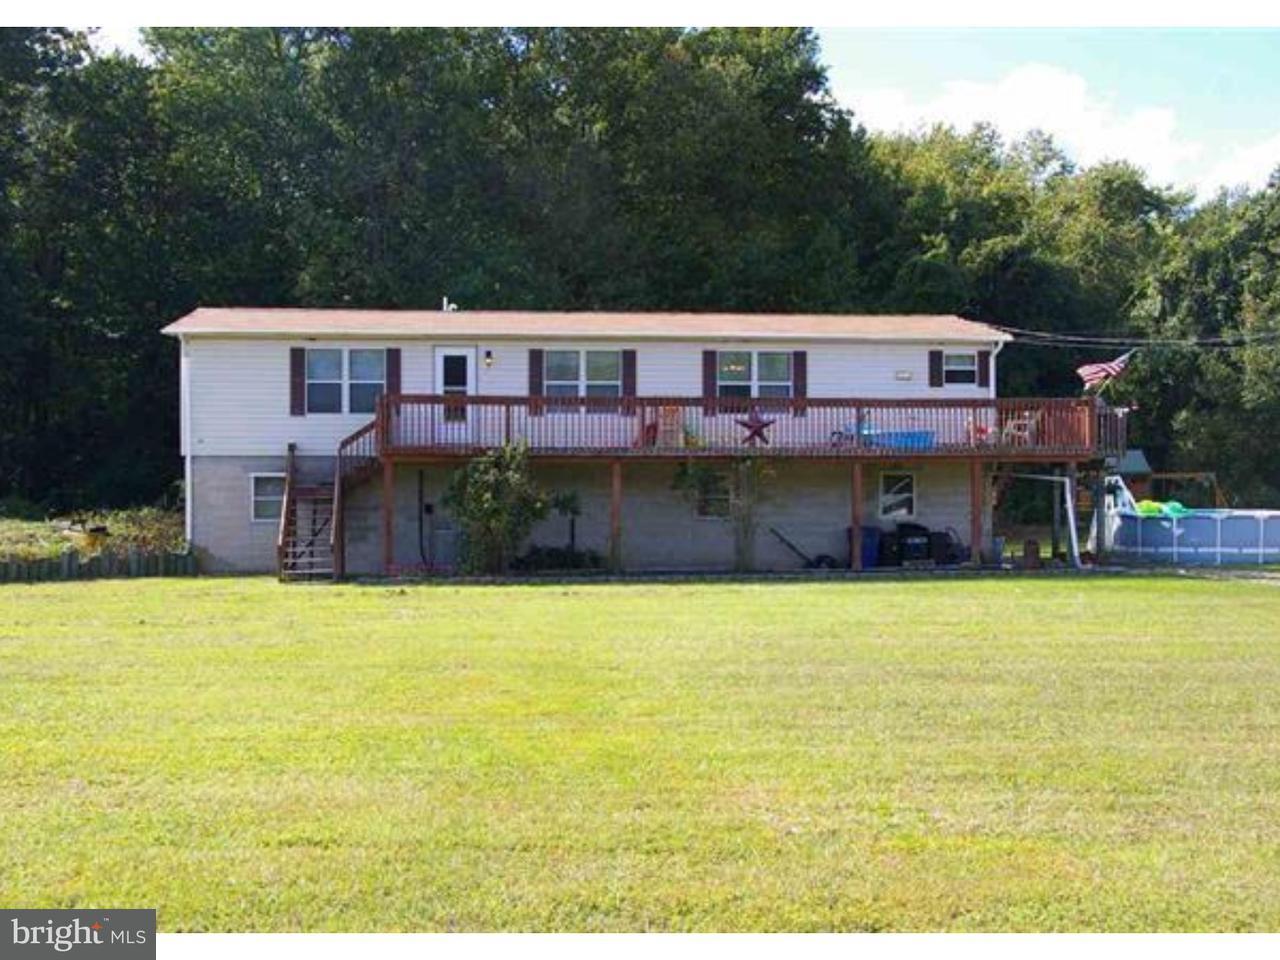 独户住宅 为 销售 在 3 LANGLEY Road Delmont, 新泽西州 08314 美国